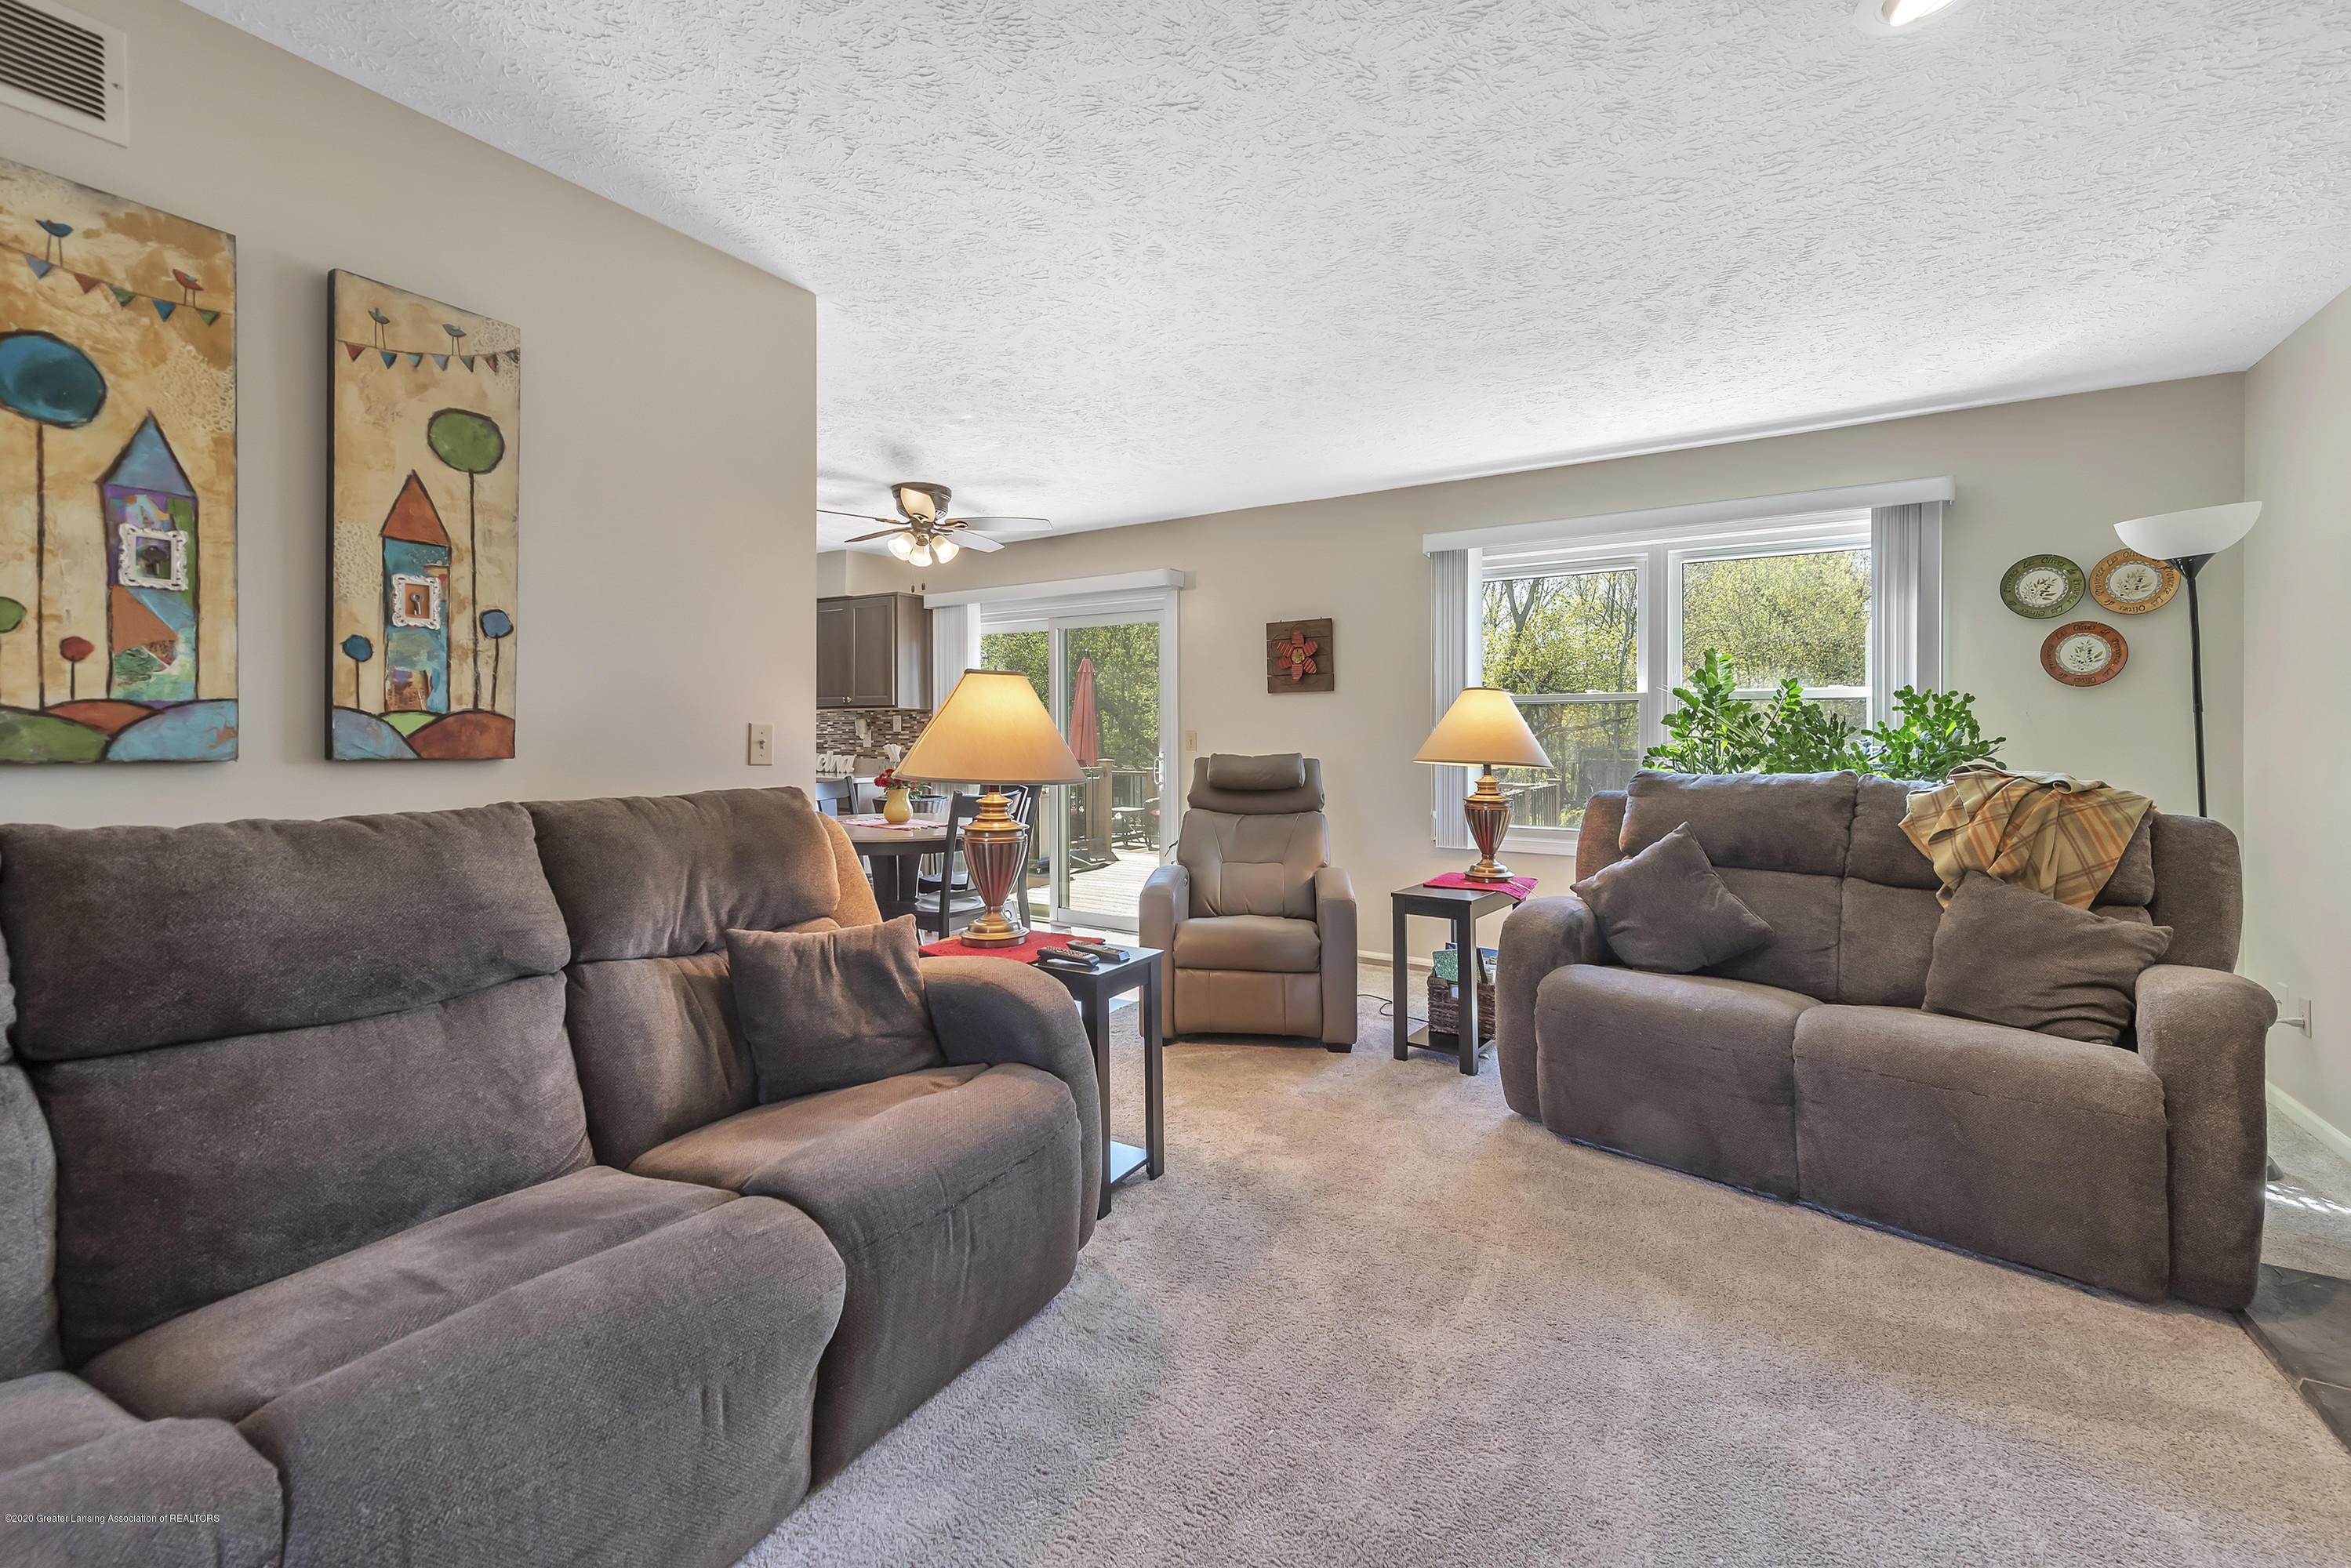 5575 Canoga Ln - Family Room - 8